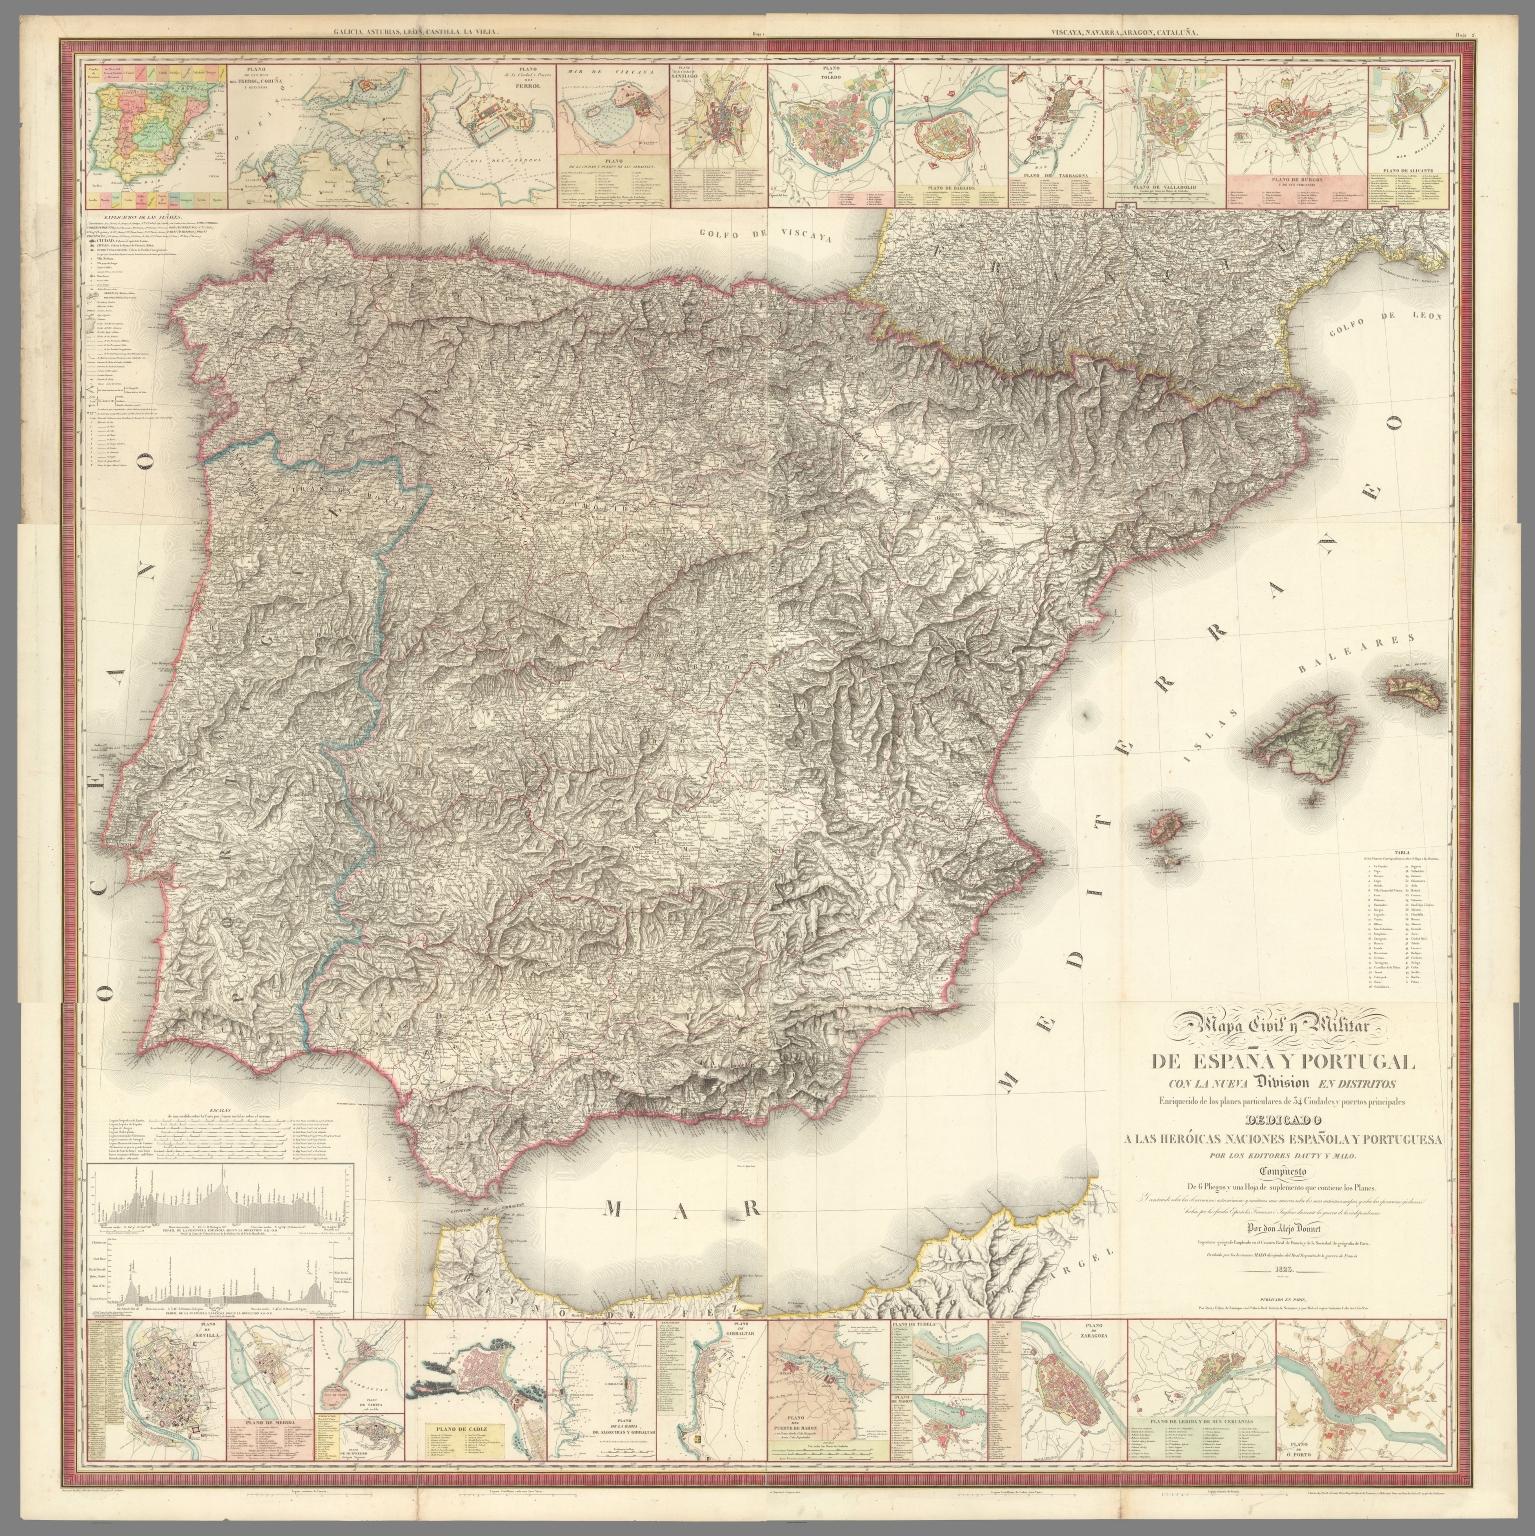 Composite: Mapa Civil y Militar de Espana y Portugal Hoja 1-6